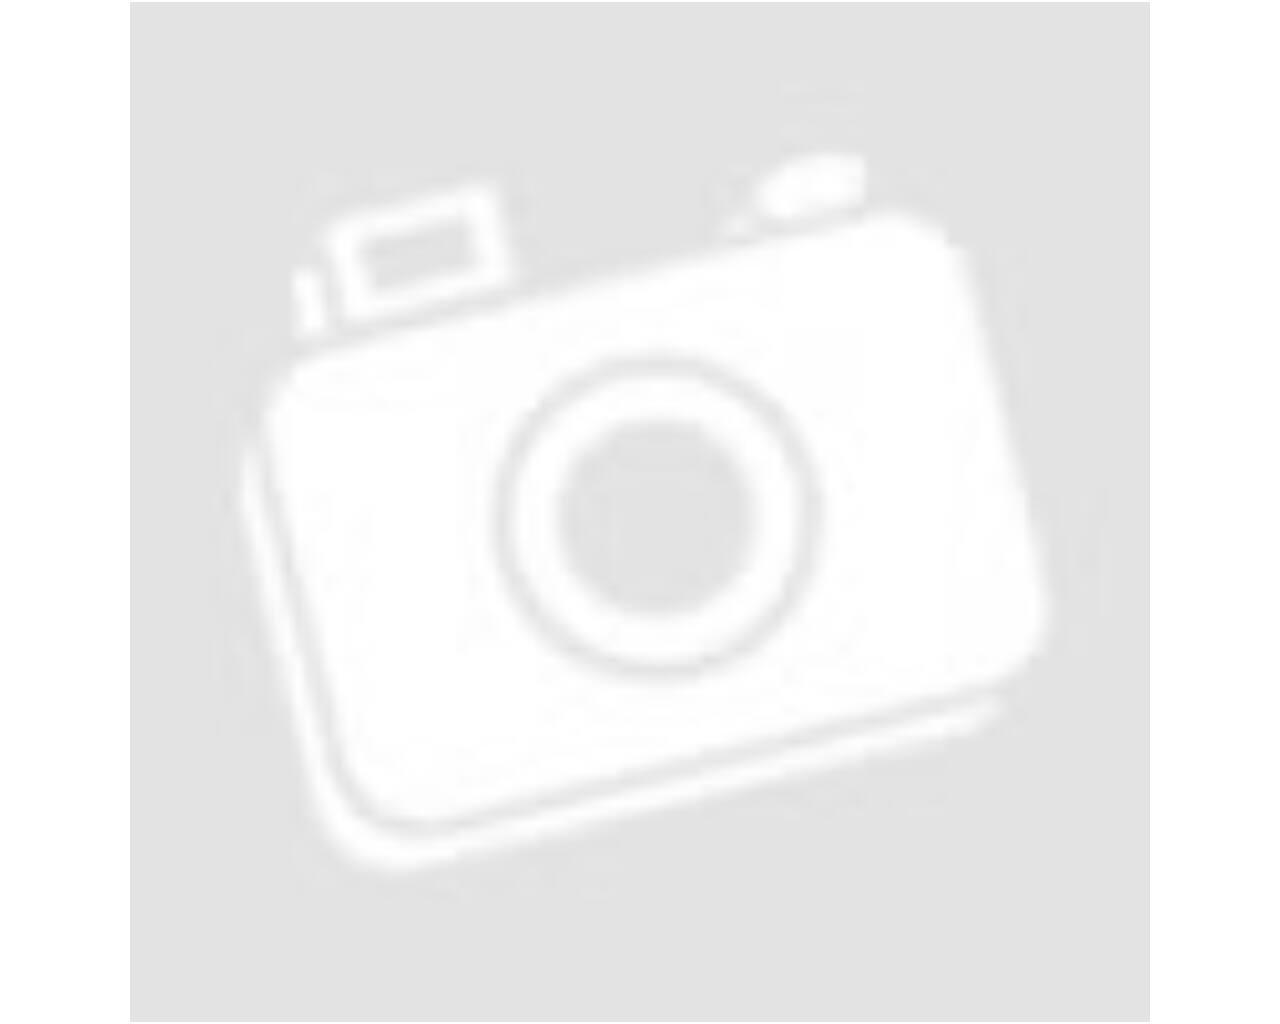 Füstcső, zománcozott lemez, 150 x 900 mm, fényes fekete